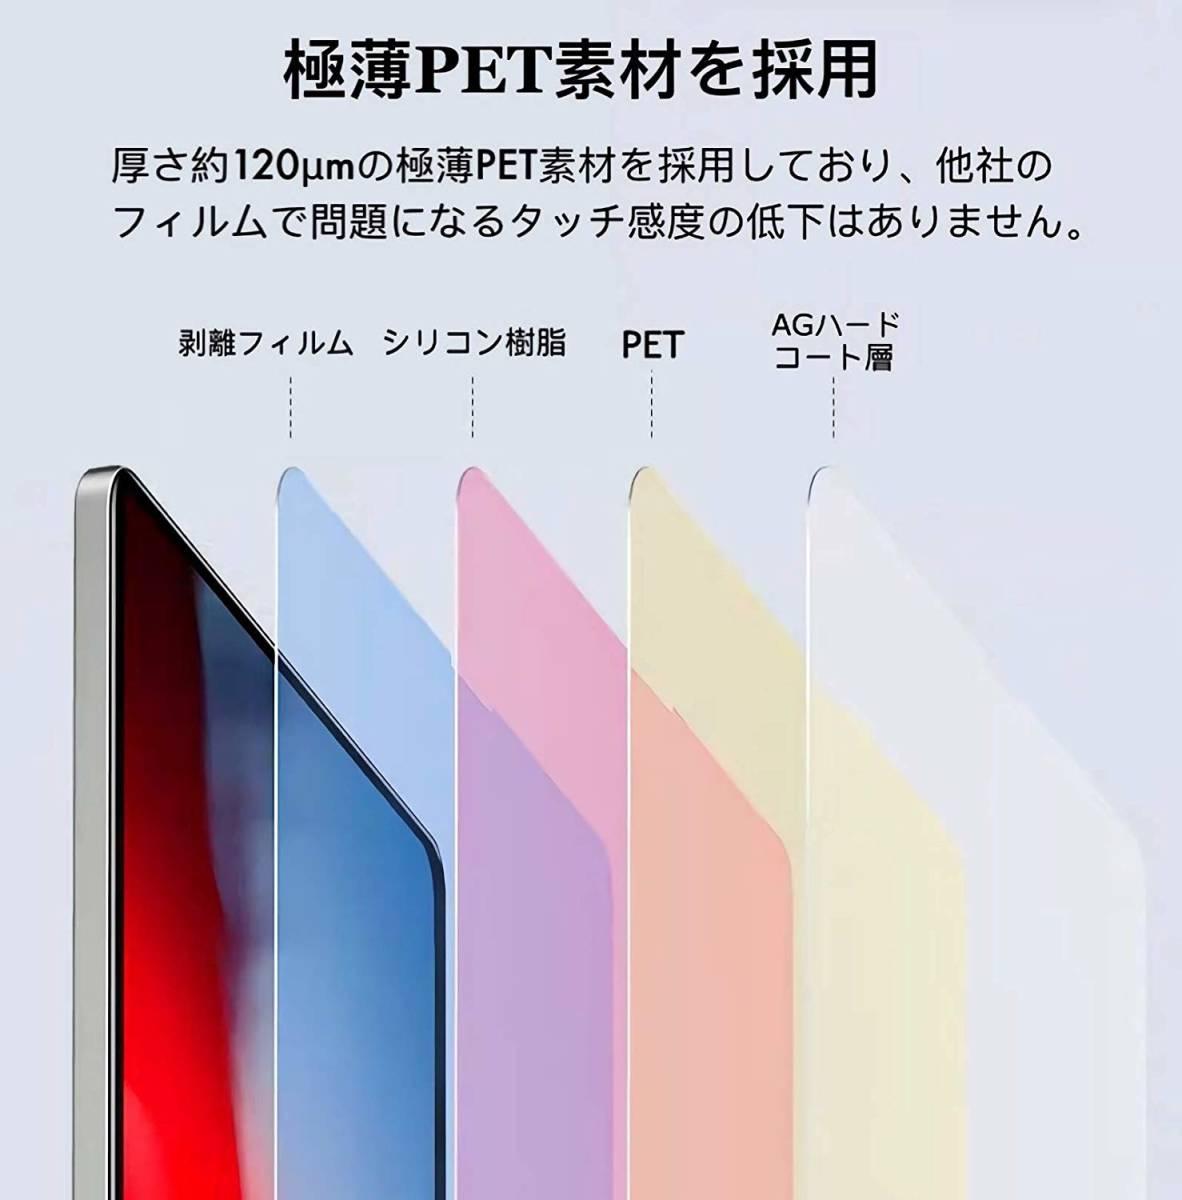 iPad Pro 12.9 2017モデル用 ペーパーライク フィルム 紙のような描き心地 反射低減 非光沢 アンチグレア ペン先磨耗防止 保護フィルム_画像6